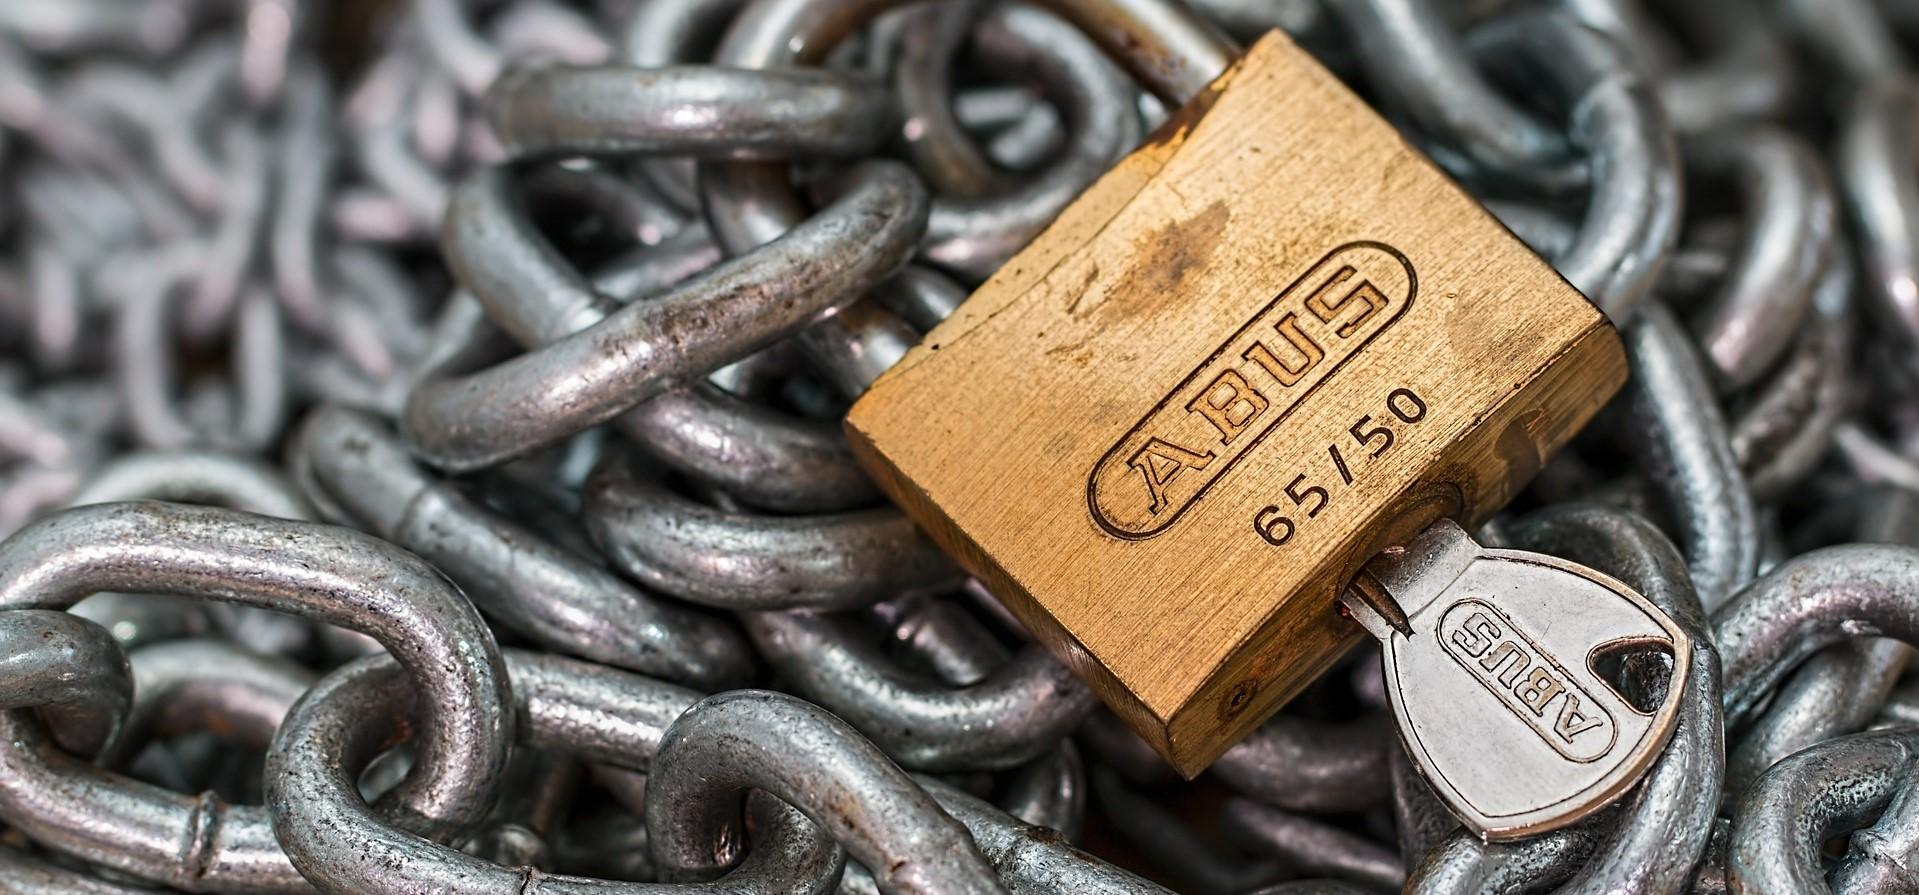 Robos en los comercios. Las mejores opciones de seguridad para evitarlos.